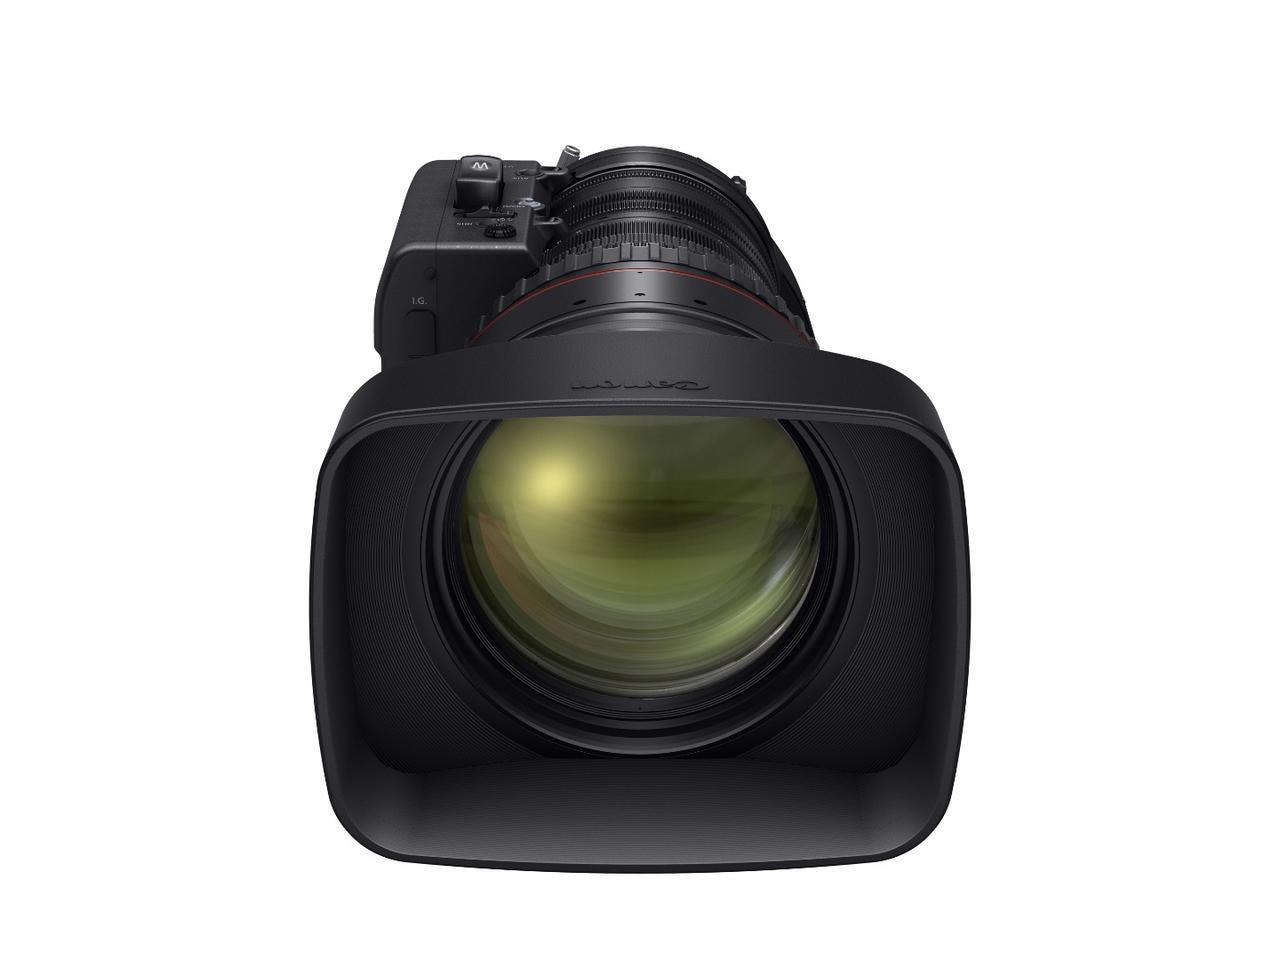 Canon Cine-Servo 50-1000mm T5.0-8.9PL: cinema superzoom